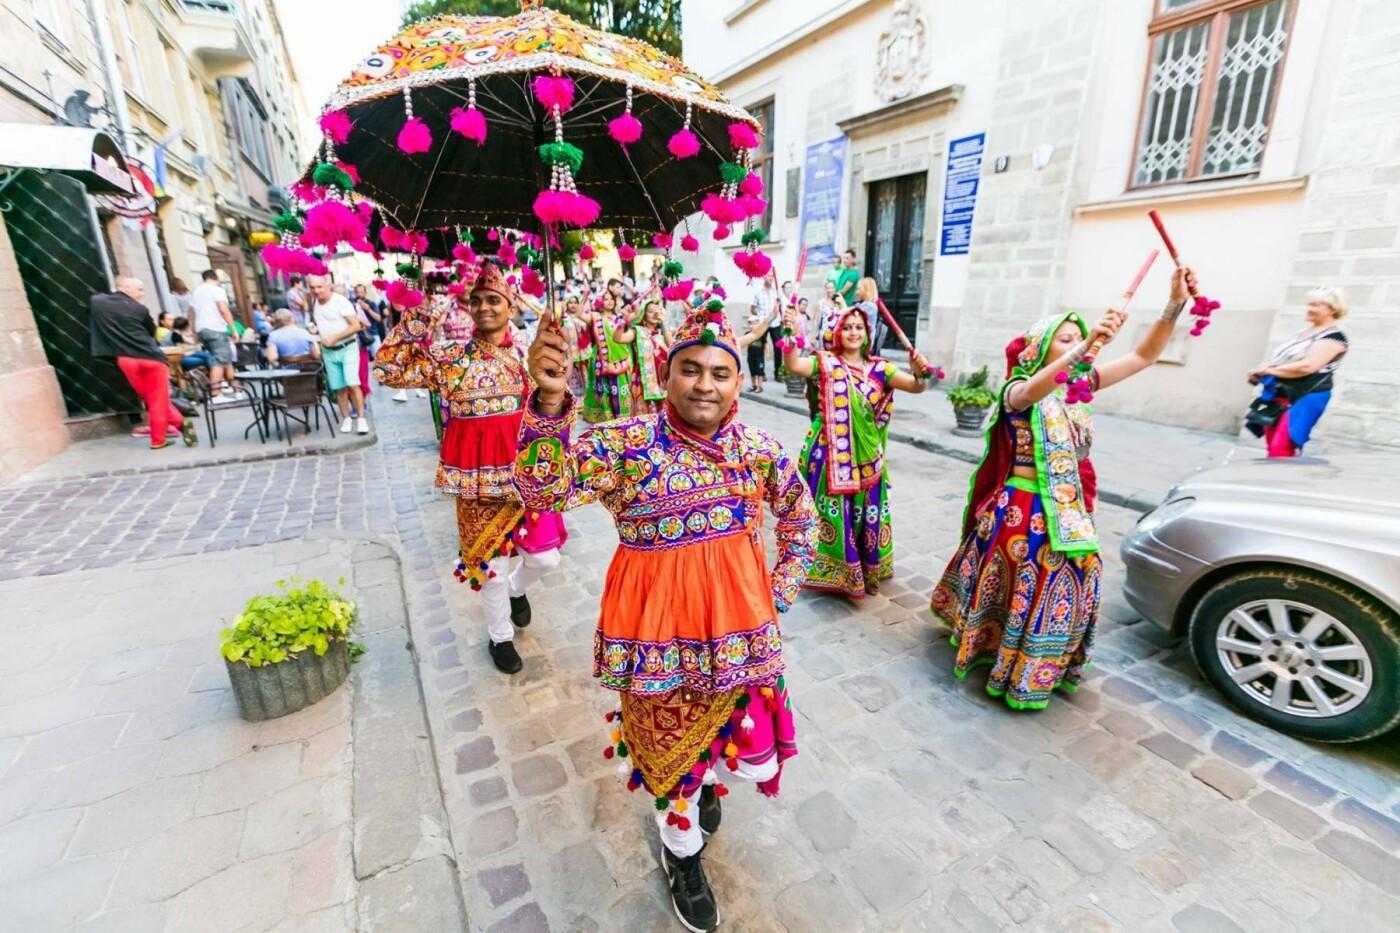 Львів яни матимуть нагоду подивитися на культуру іноземців  перед публікою  у народних костюмах з танцювальними номерами виступатимуть гості з Італії 6076d51fb90e0